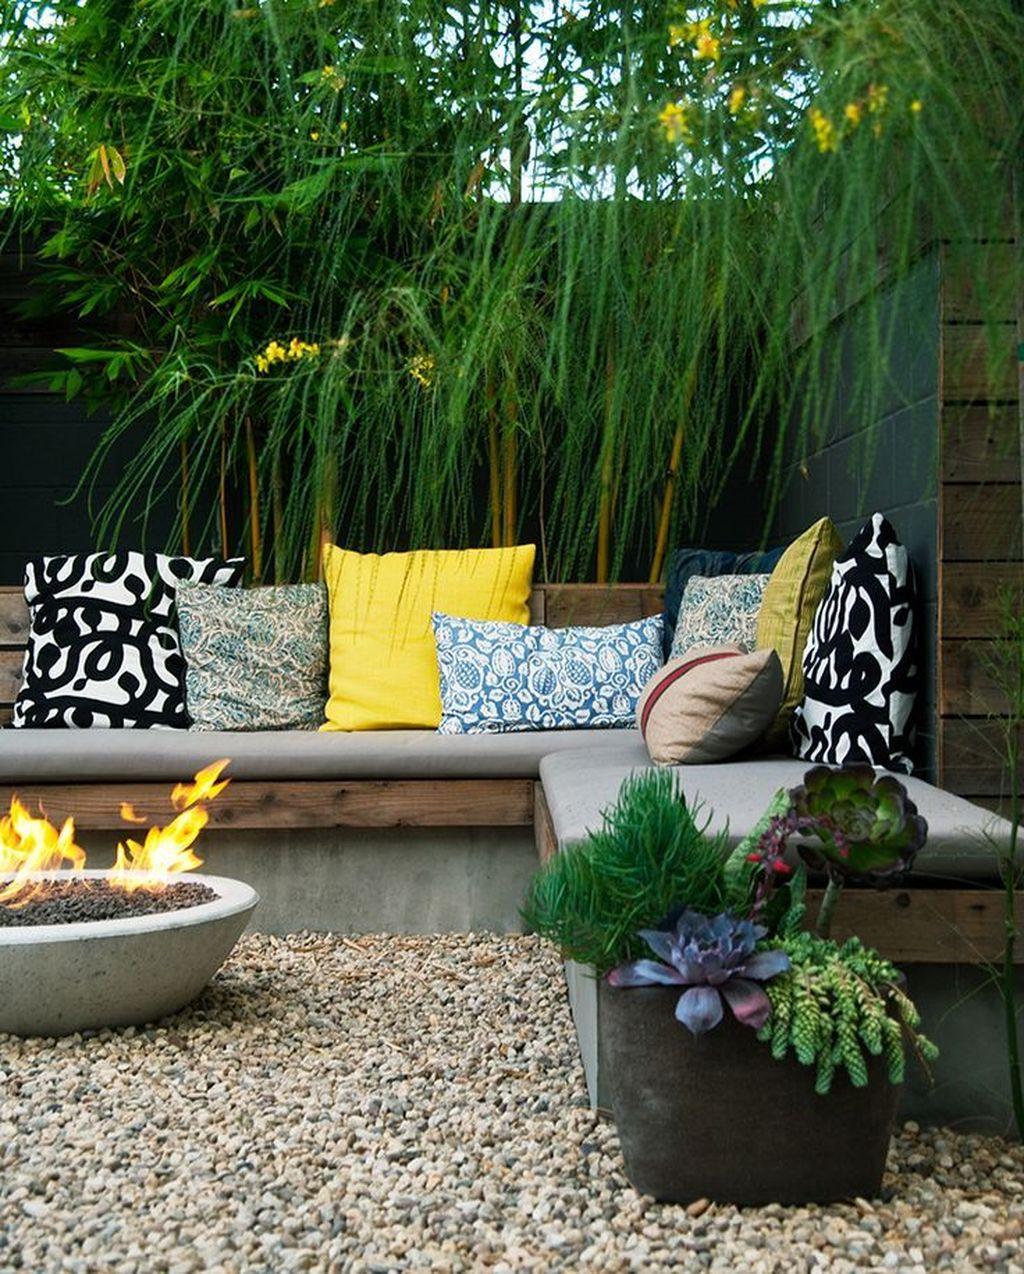 Trending Patio Garden Design Ideas Best For Summertime 07